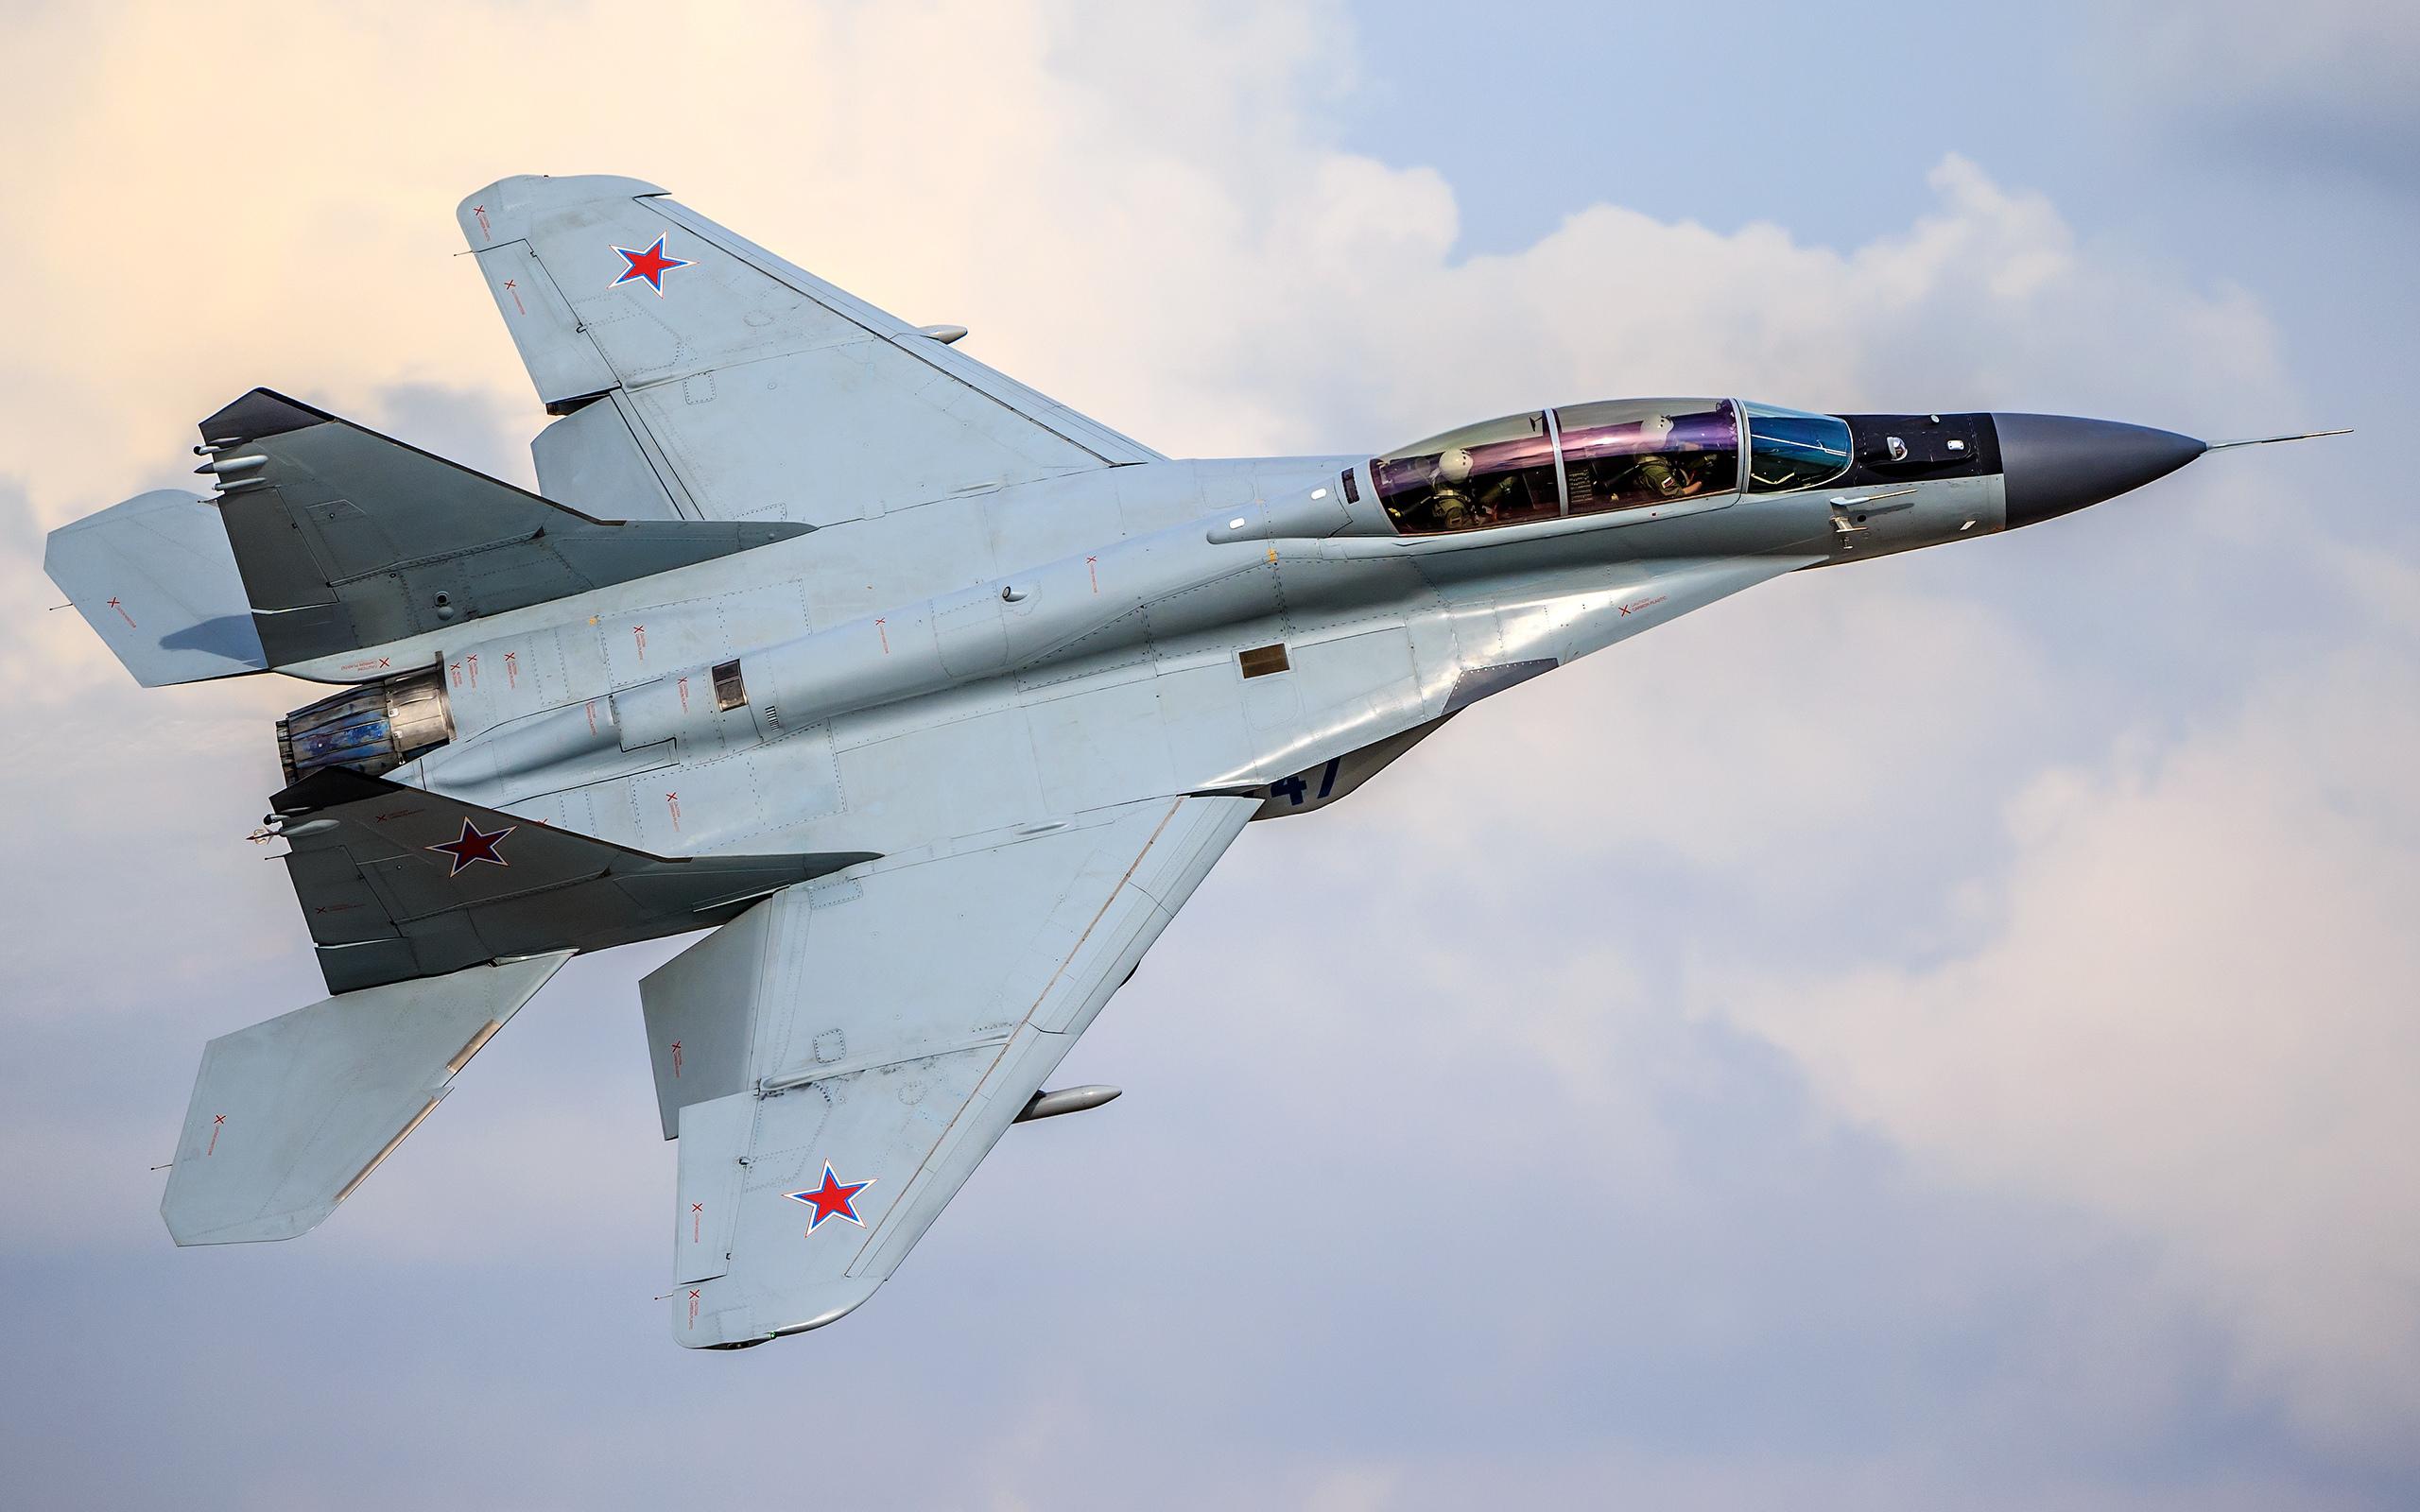 Обои для рабочего стола МиГ-35 Истребители Самолеты Русские летят Авиация российские Полет летит летящий